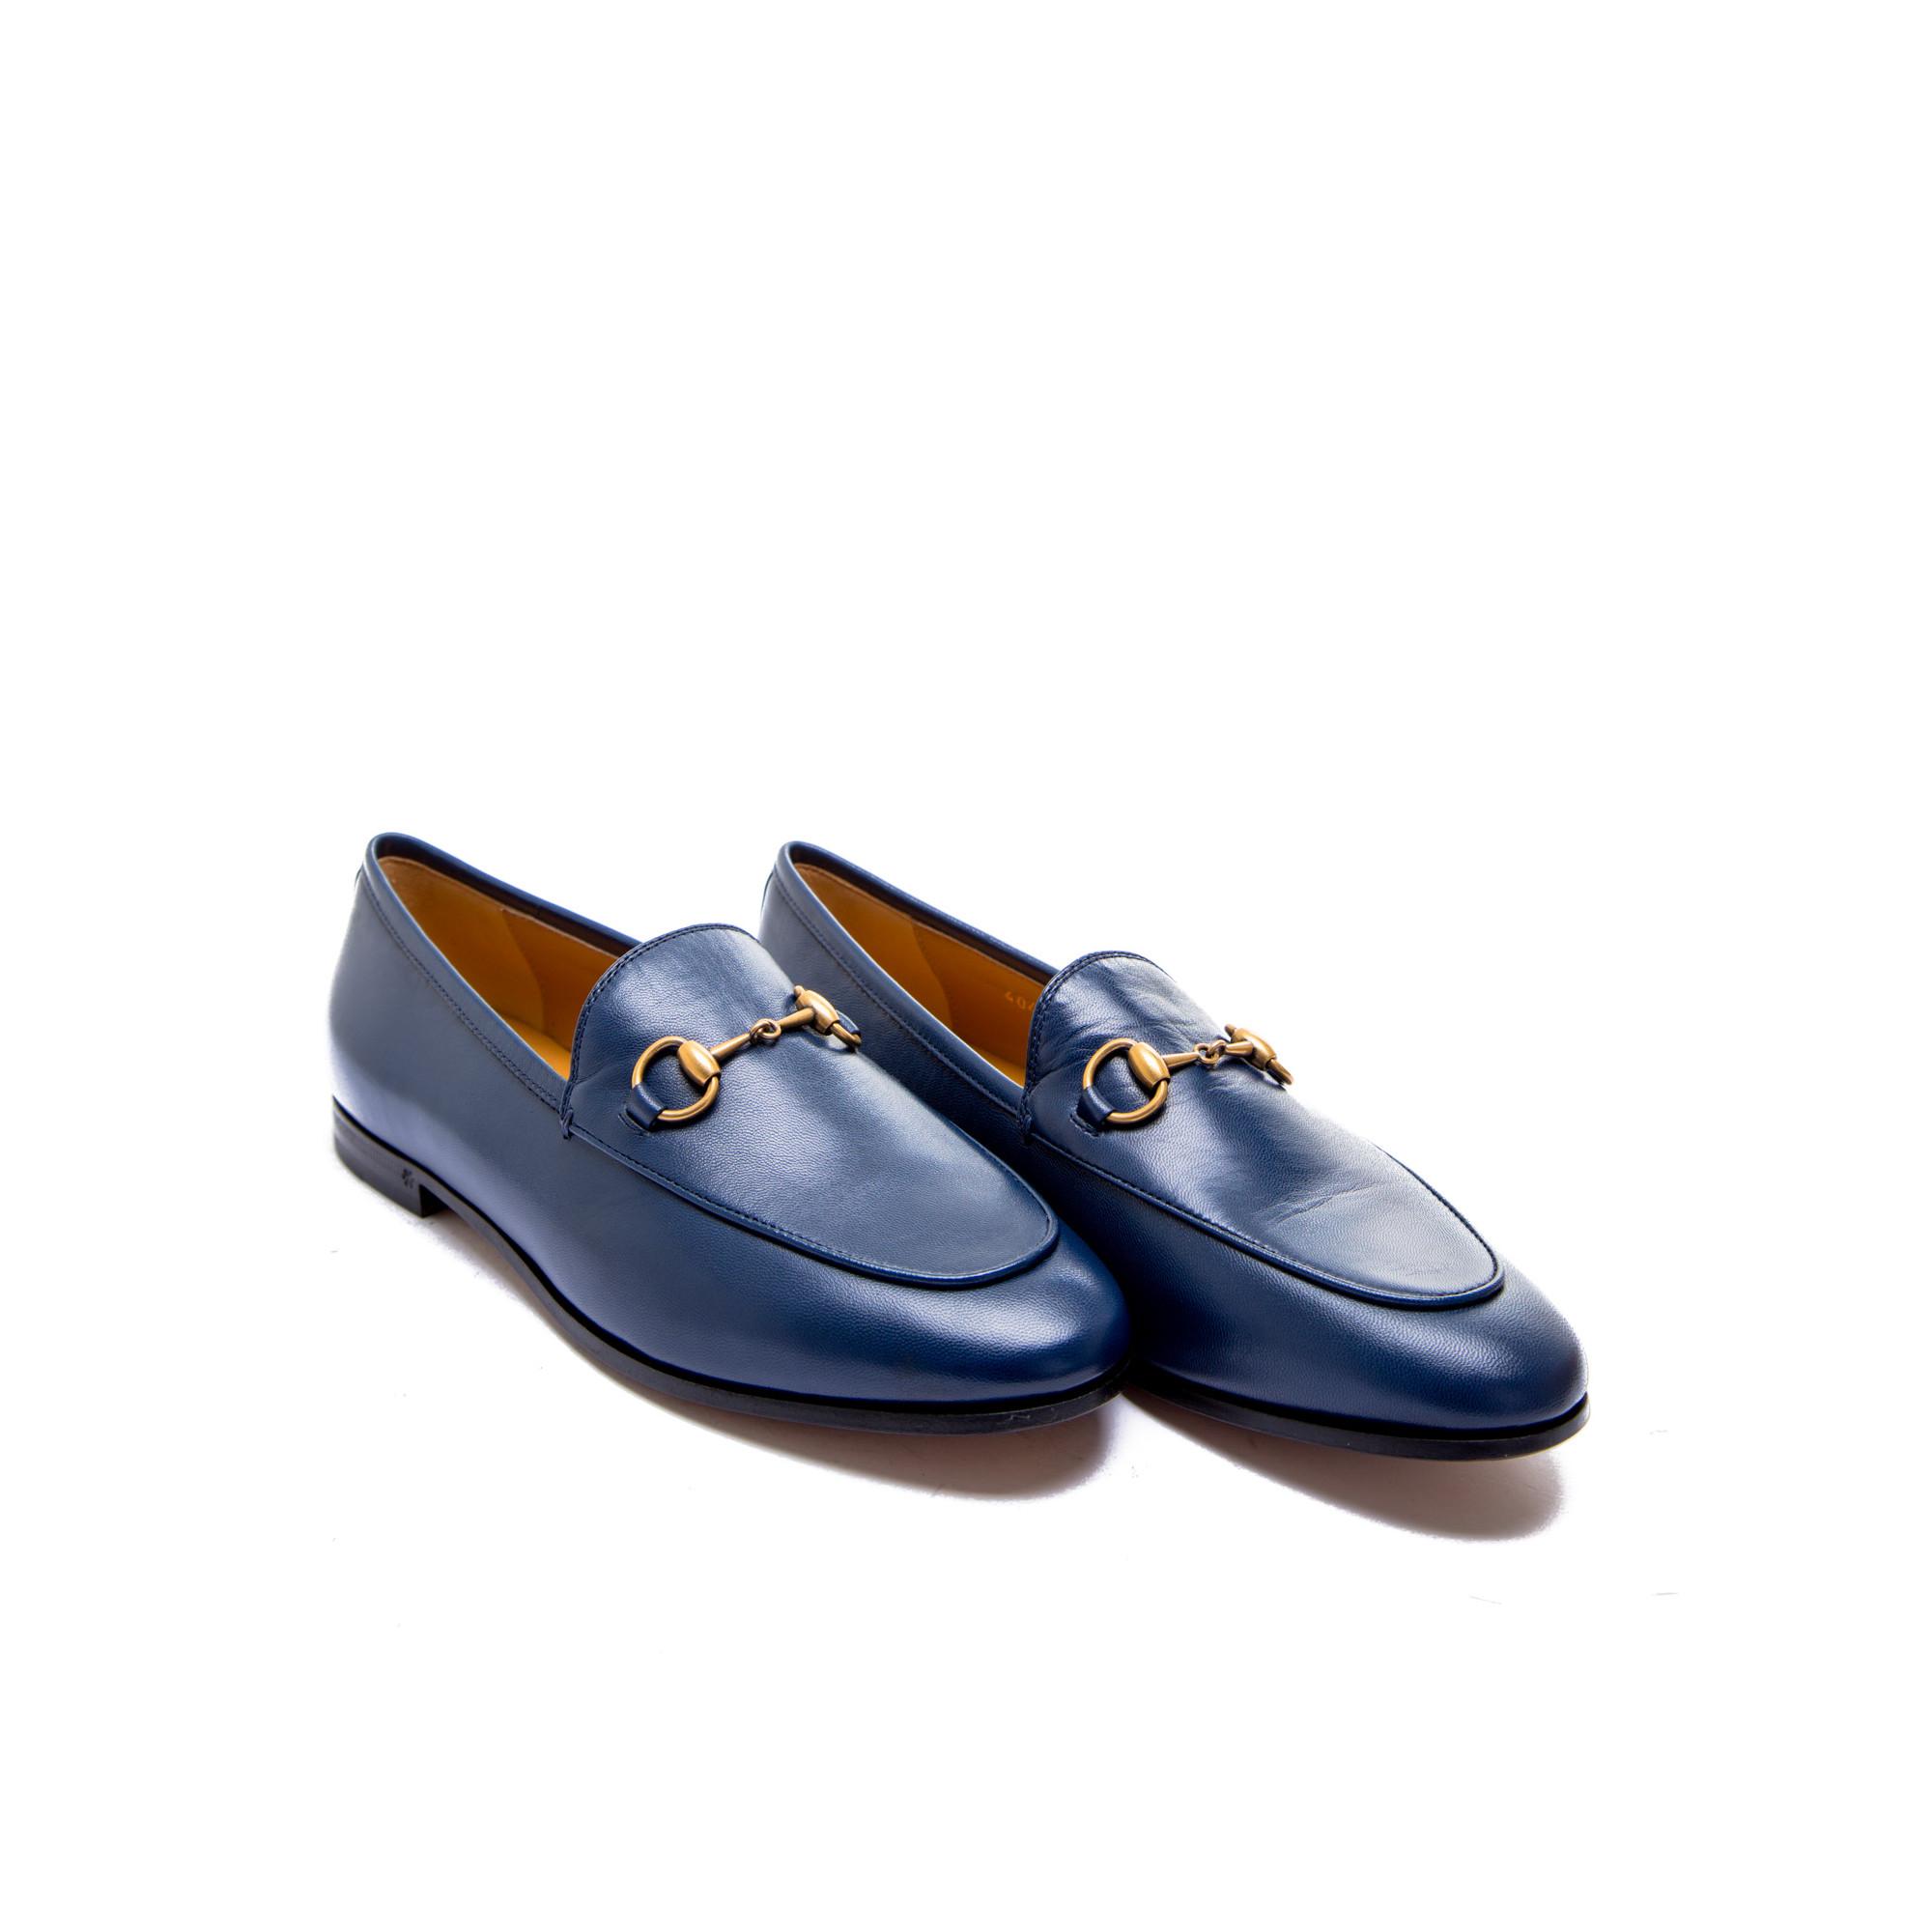 bcd9ddbeb55 ... Gucci moccasins malaga kid blue Gucci moccasins malaga kid blue -  www.derodeloper.com ...